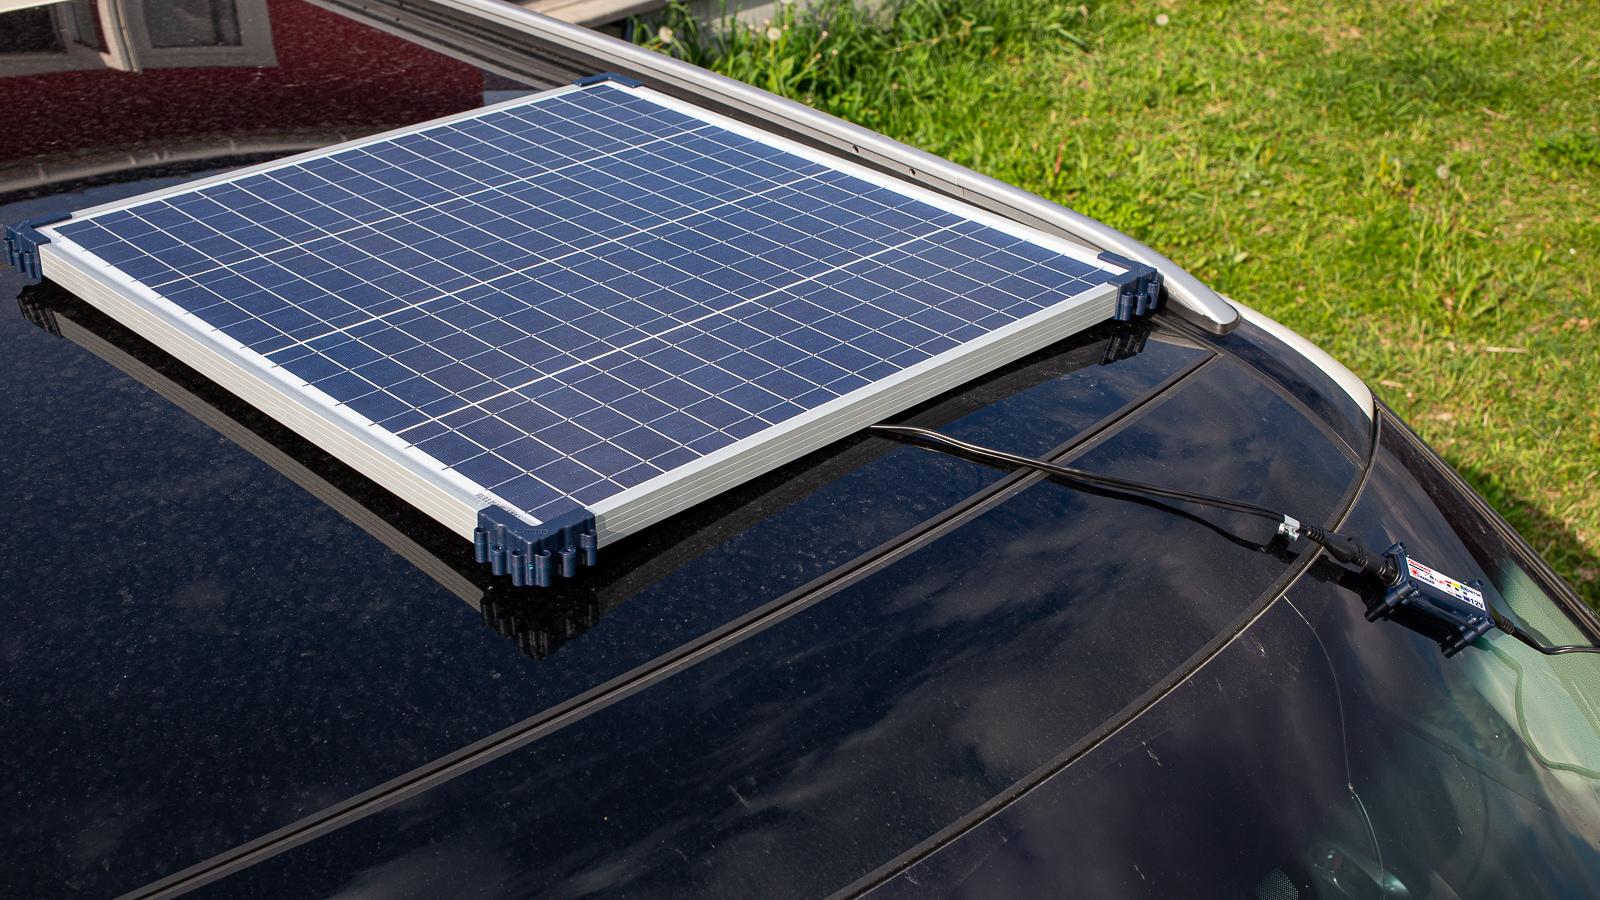 солнечная батарея optimate зарядка от солнца 1600x900 - Зарядка автомобильного аккумулятора с помощью солнечных батарей